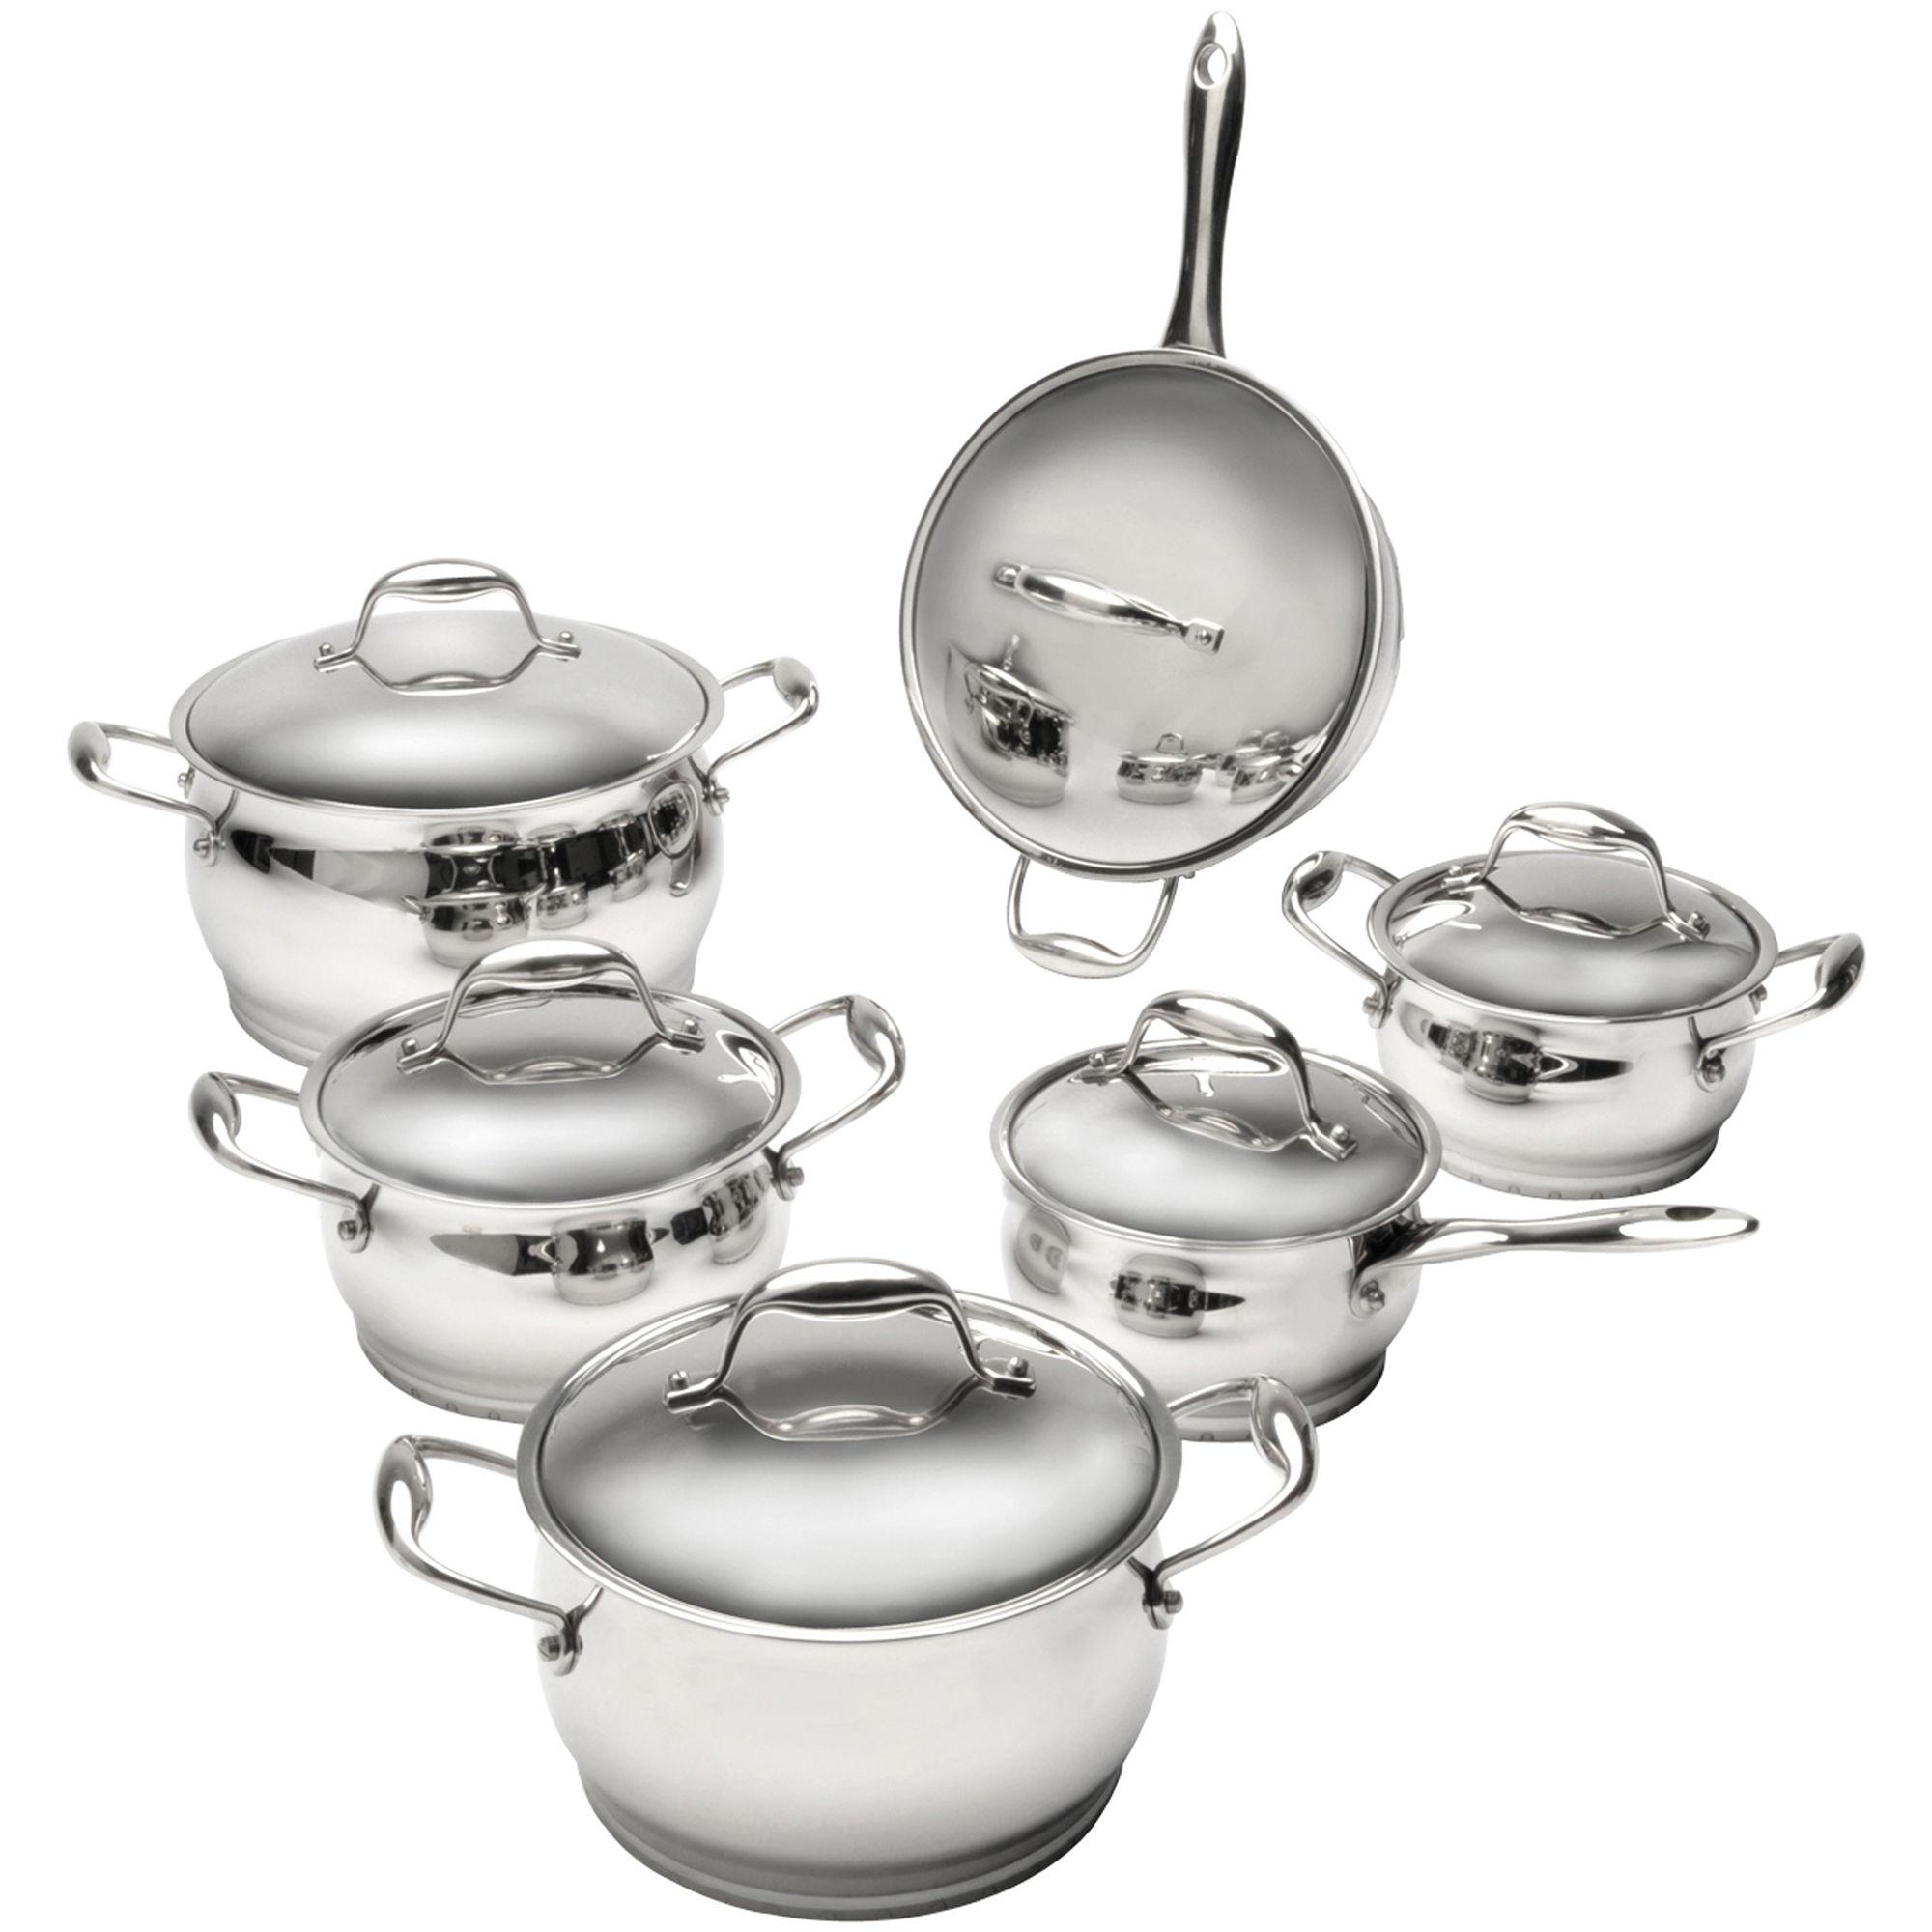 Cheap cajun cookware pots with rack 28 quart aluminum for Zeno kitchen set